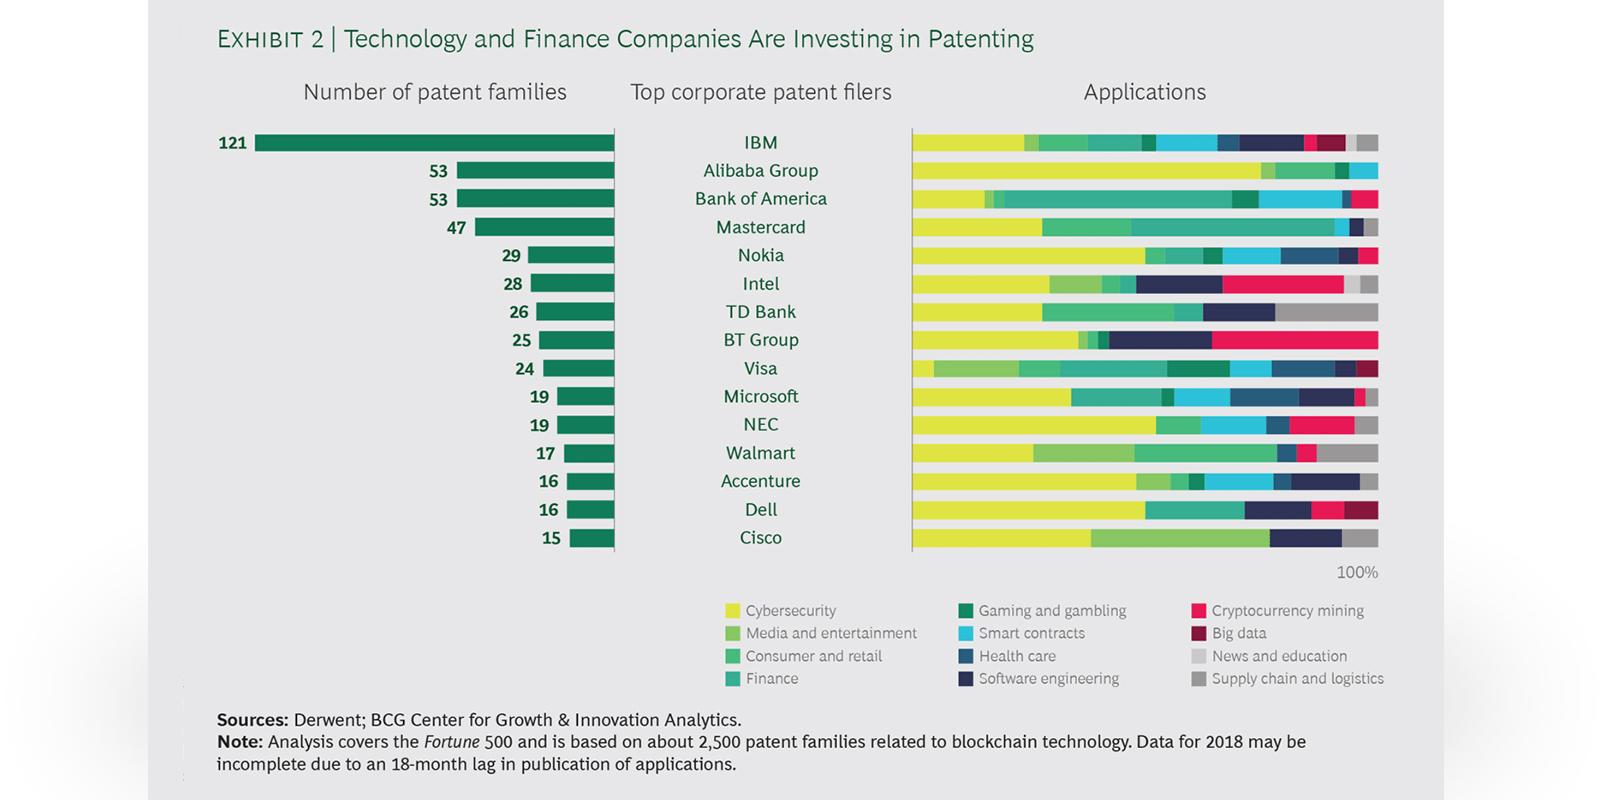 entreprises qui déposent le plus de brevets blockchain